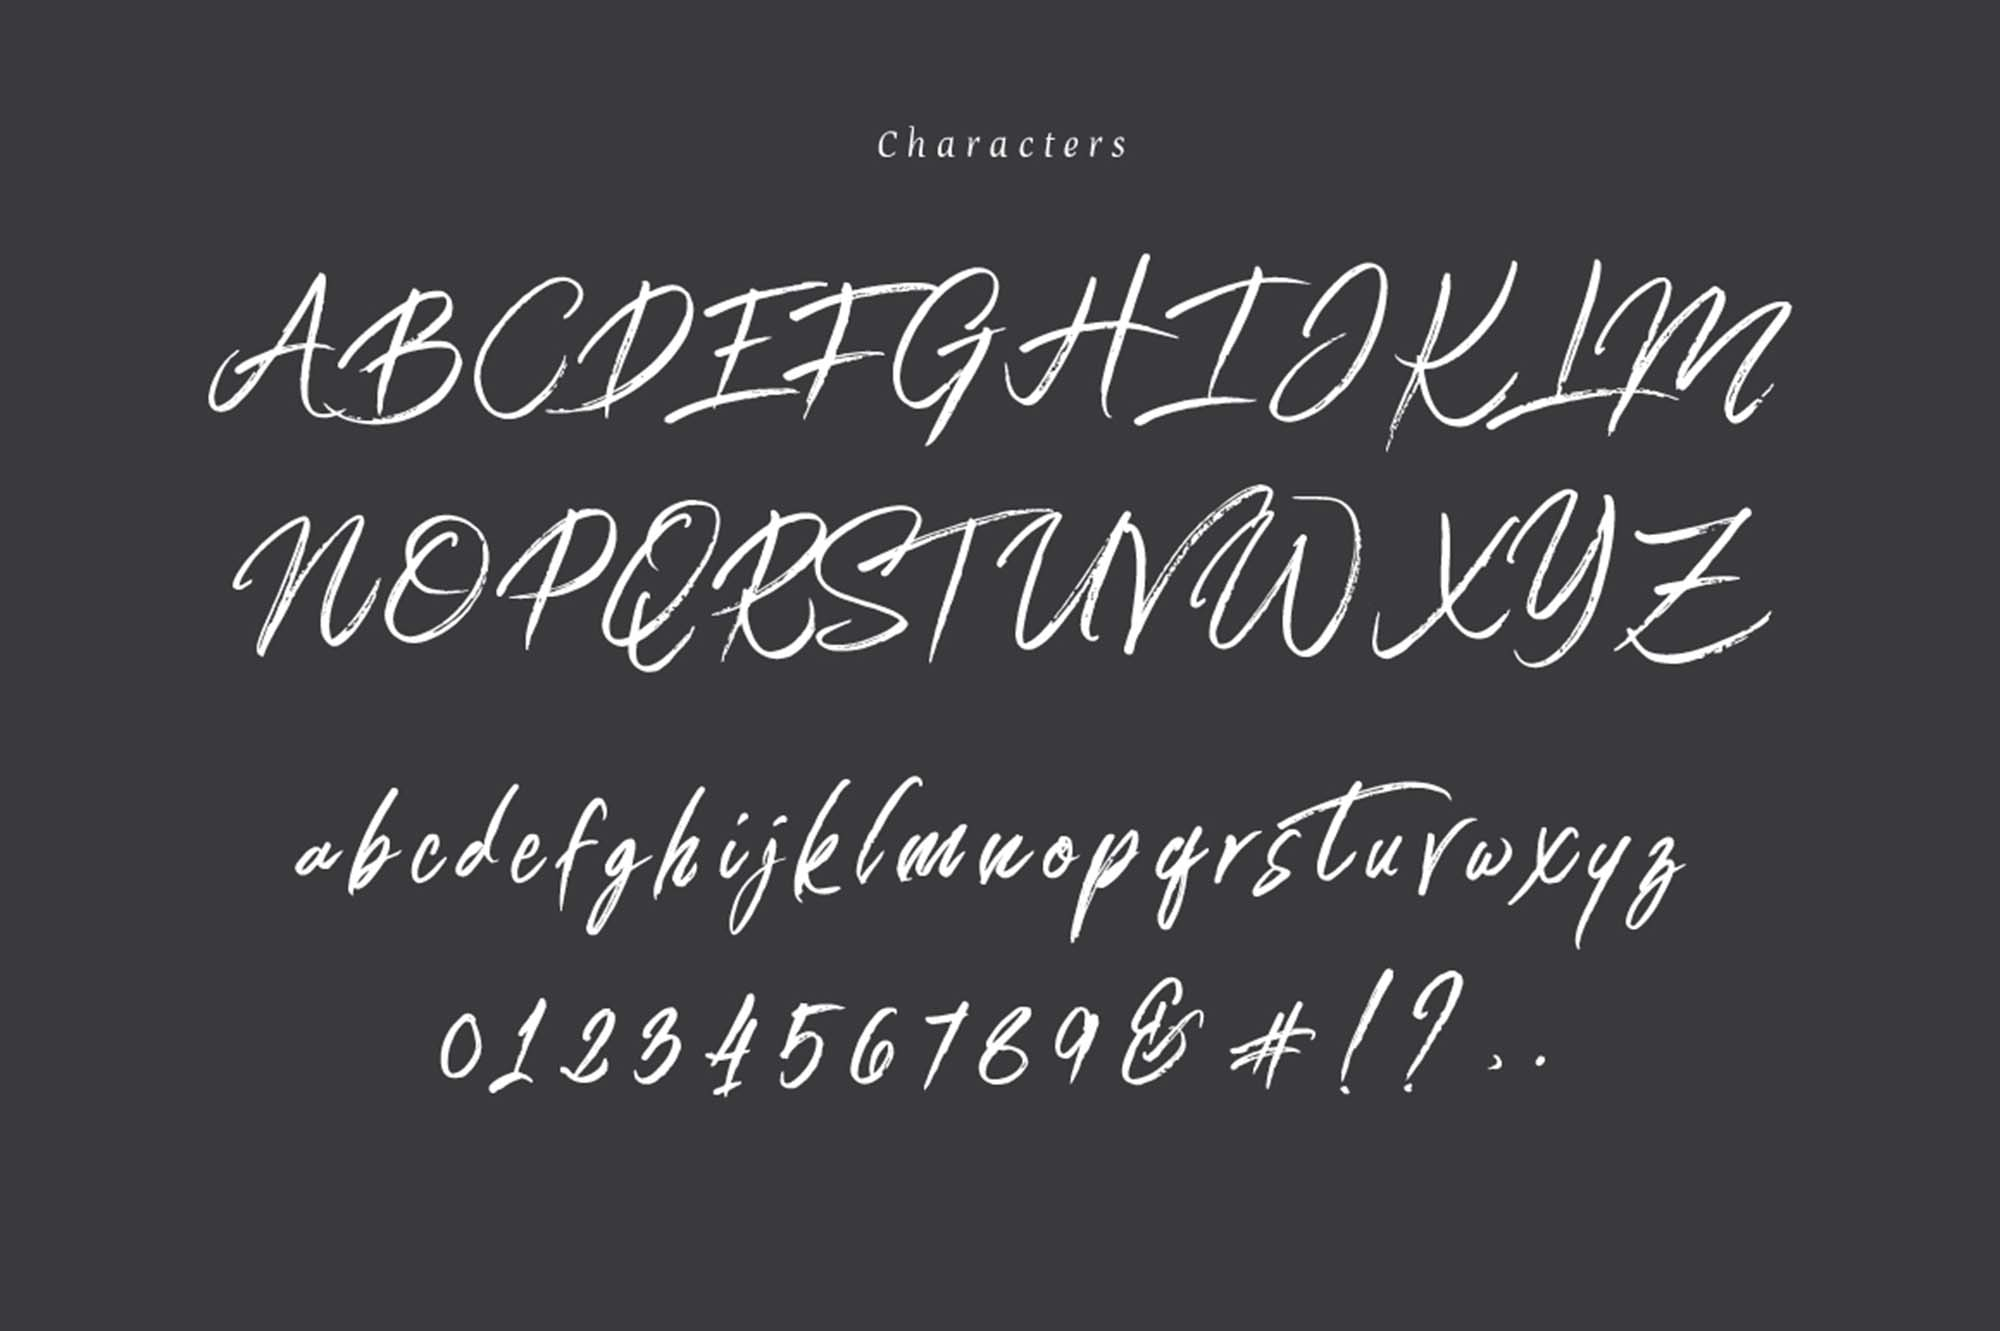 Connoisseurs Typeface